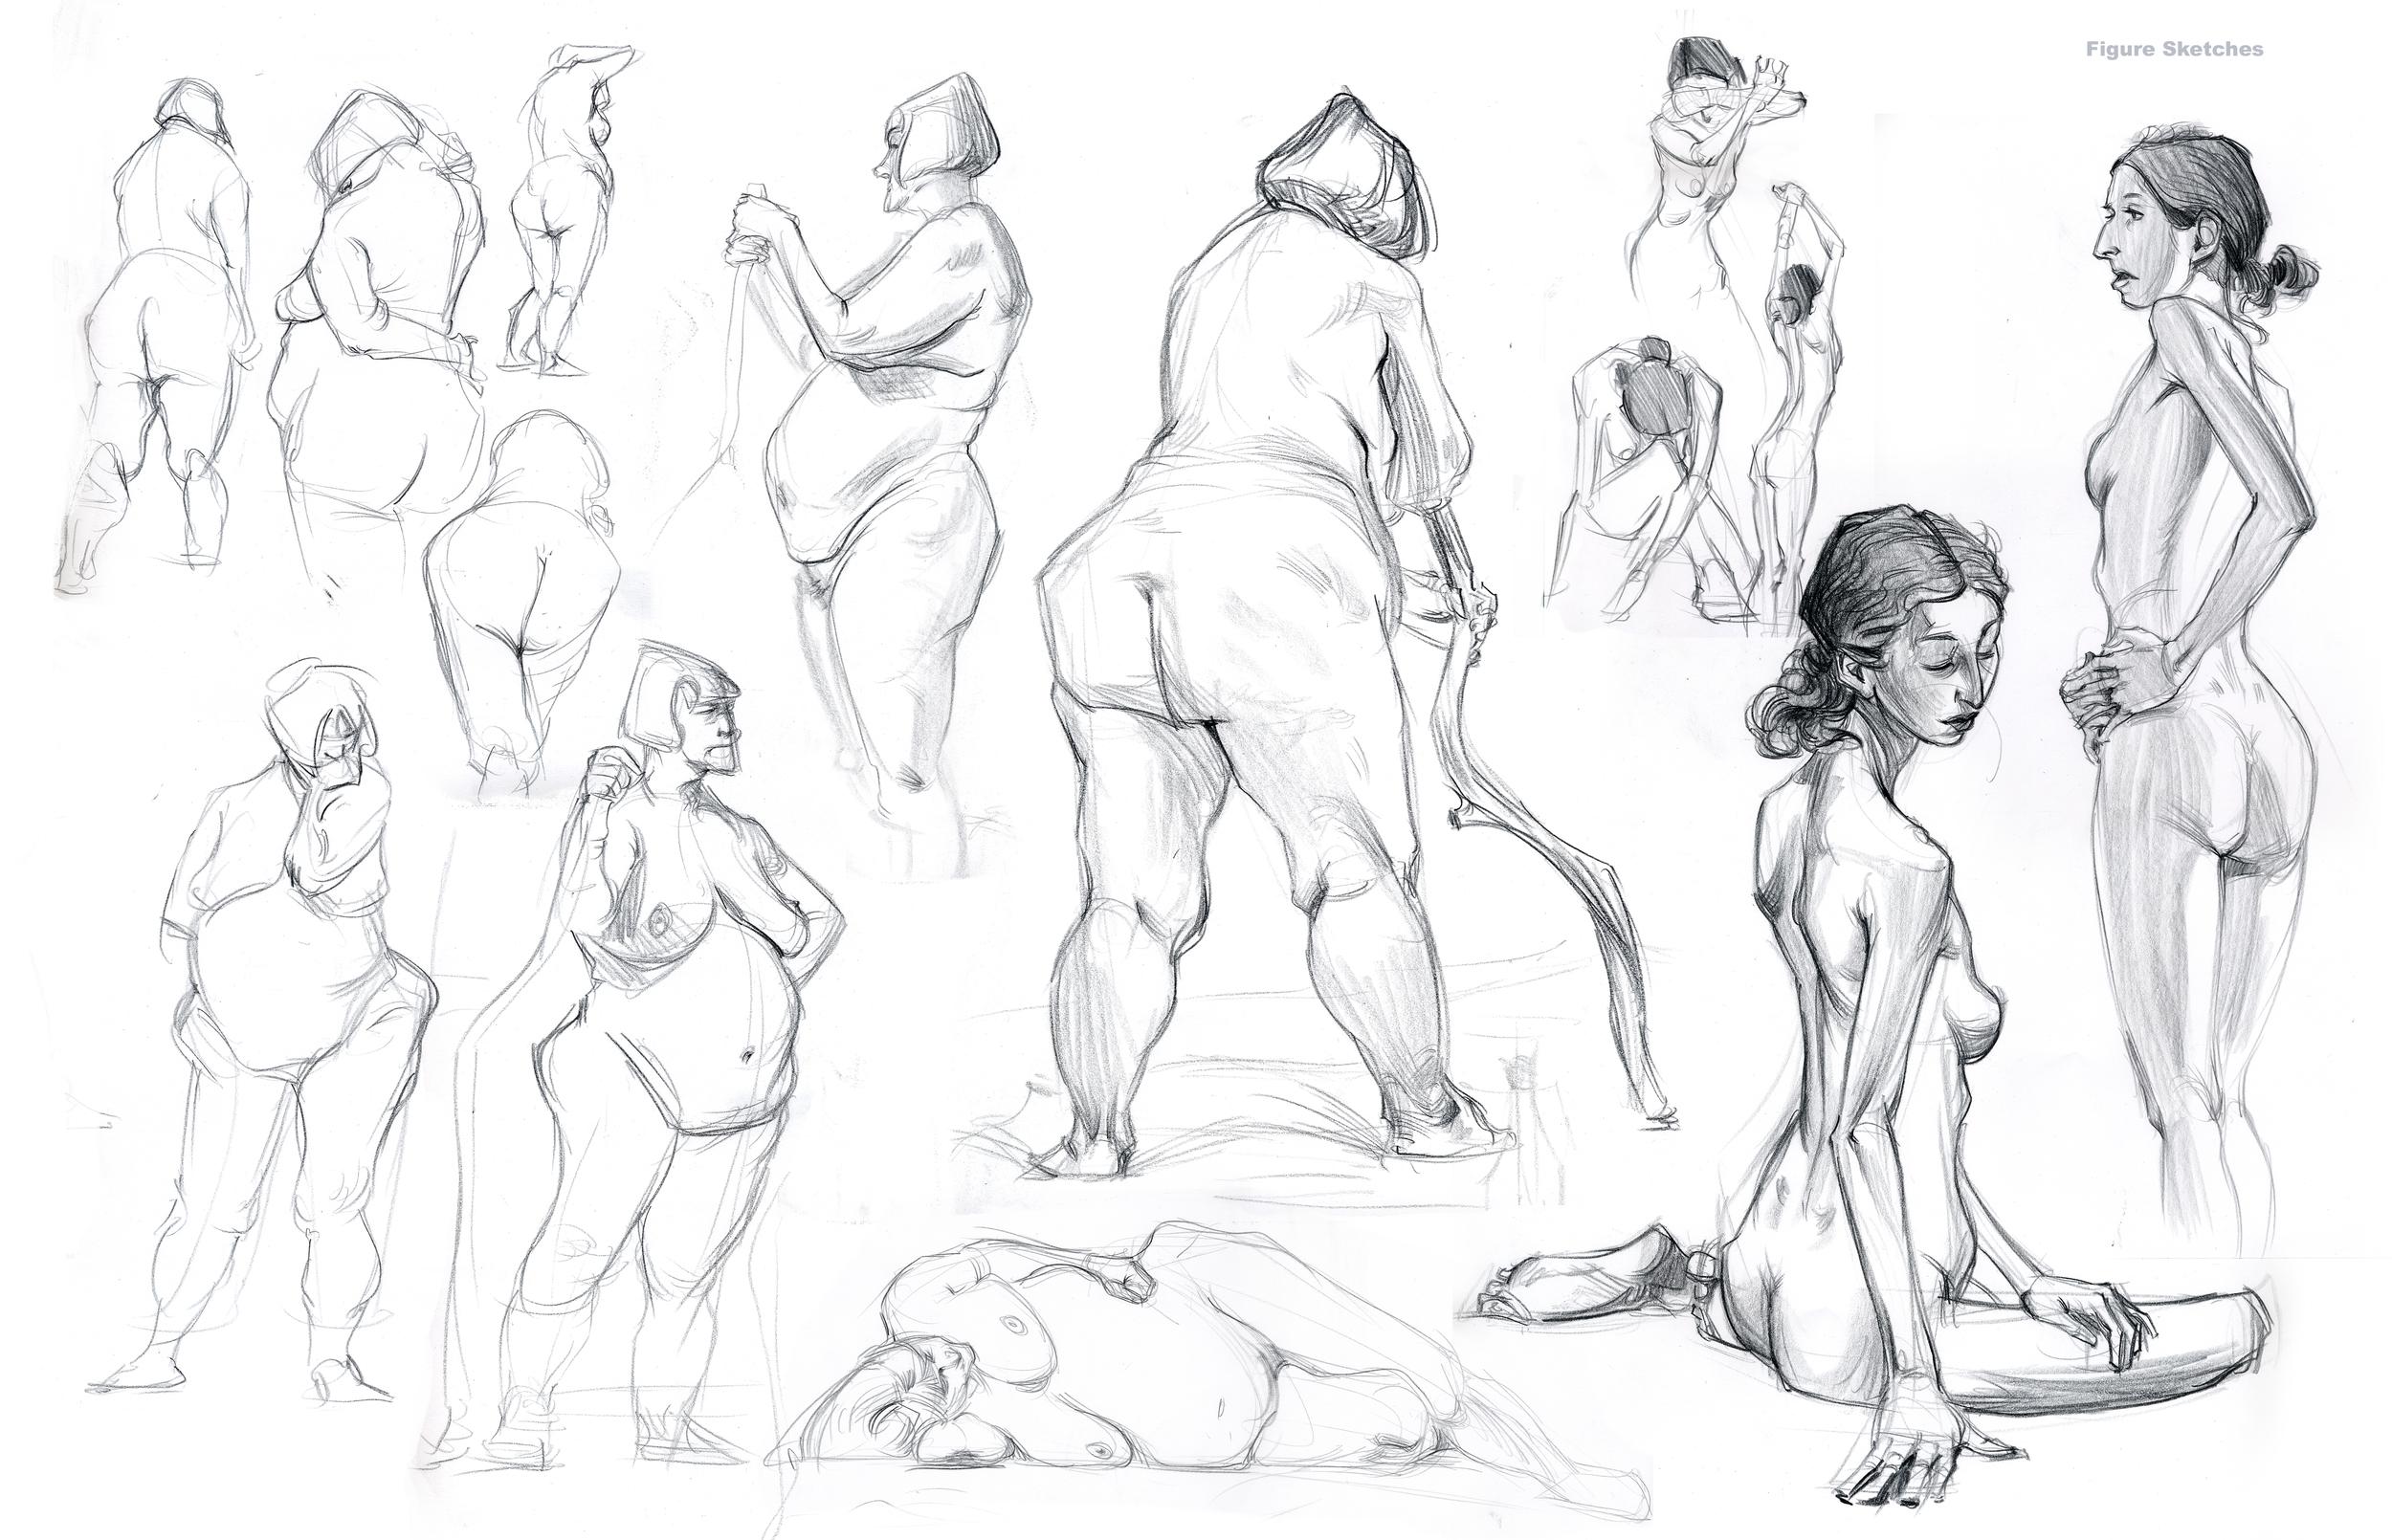 figures1 copy.jpg